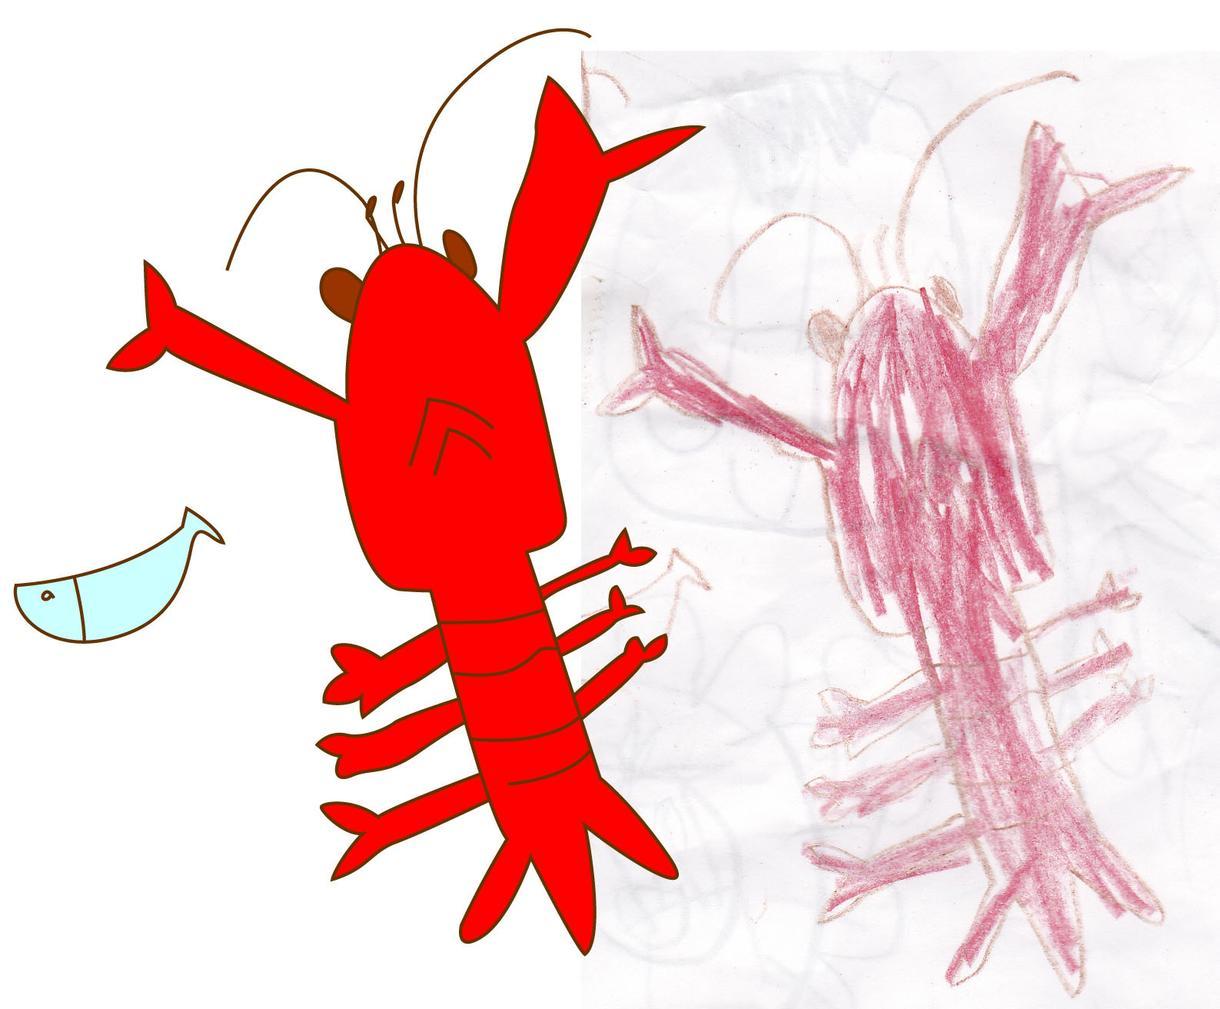 手描きのロゴやイラスト、データ化します お手伝いします!手描きからAI・PNG・JPGデータを作成! イメージ1